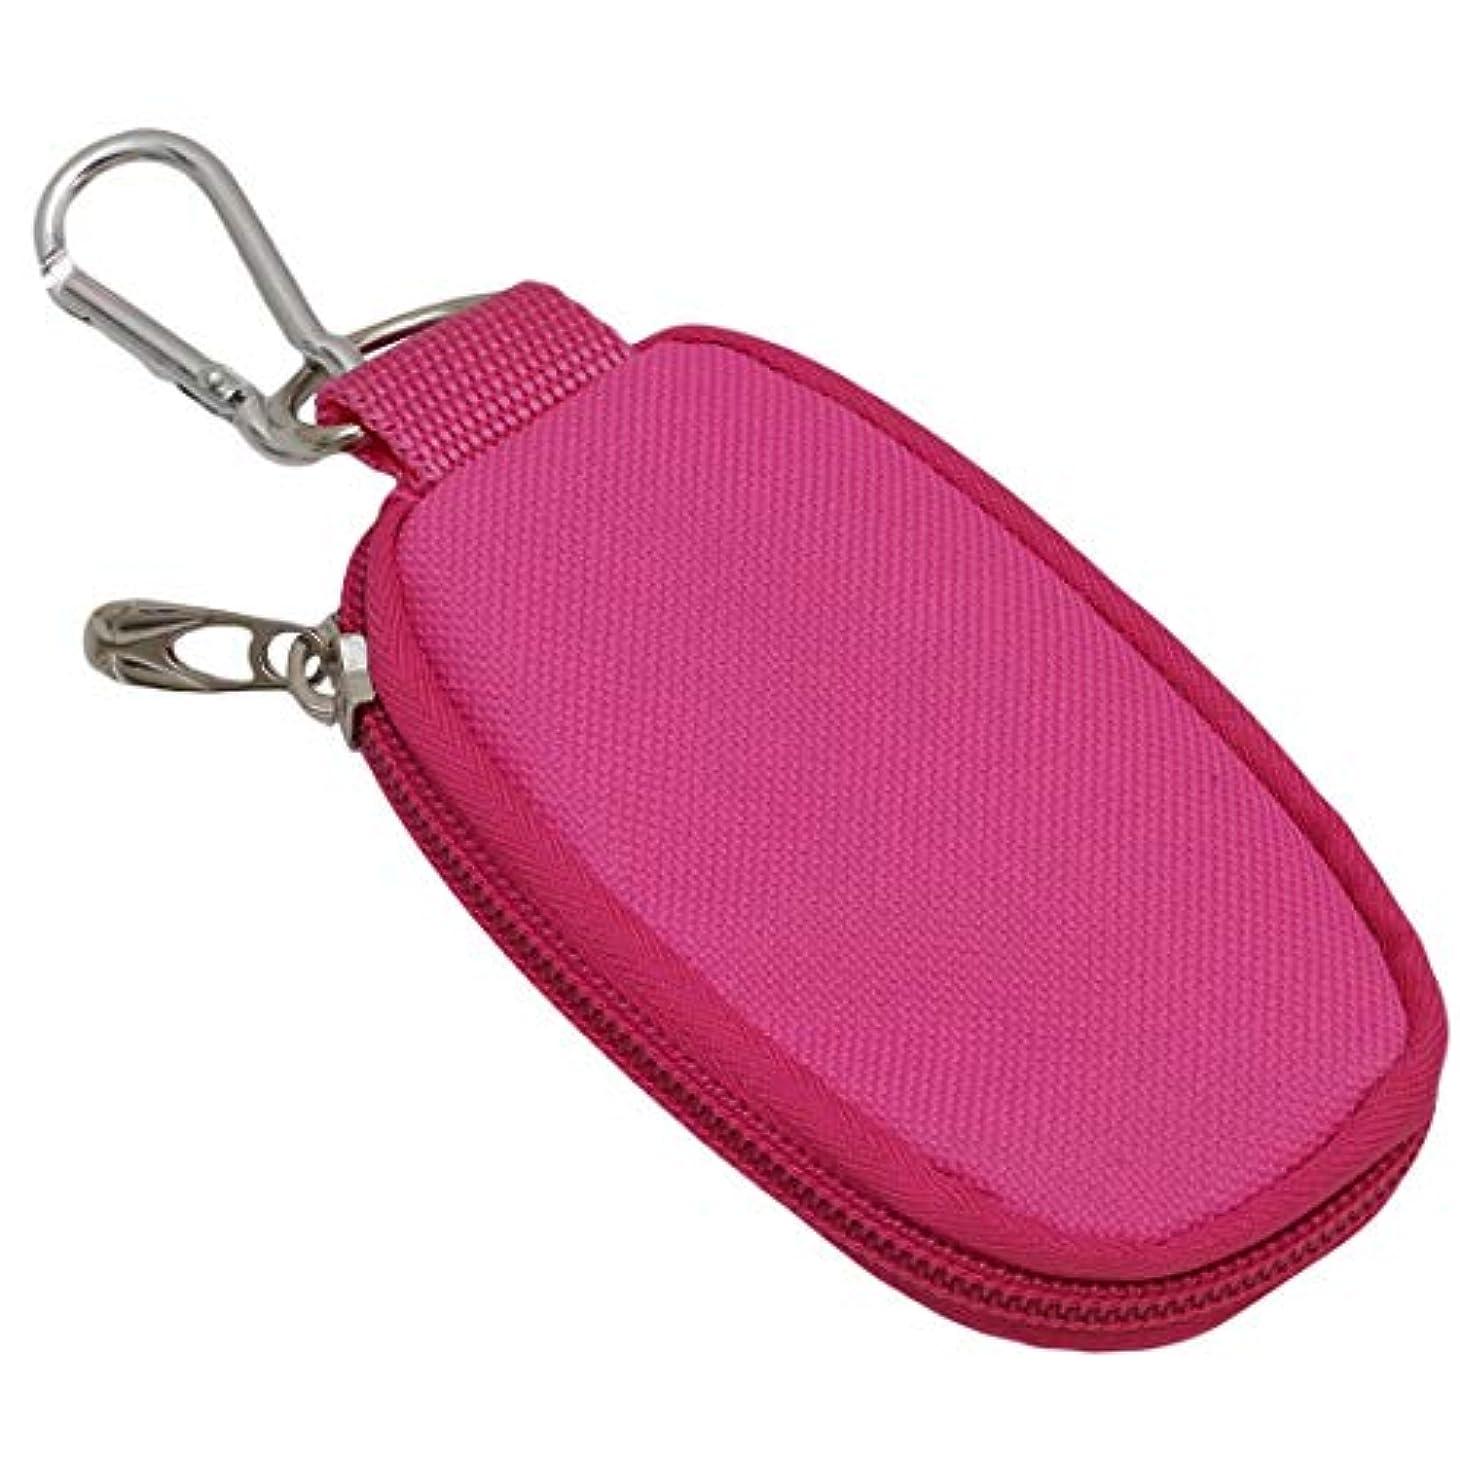 電気的実験室せがむOnior プレミアム ミニ携帯用化粧バッグ 香水収納バッグ エッセンシャルオイル マニキュア 保管袋 アロマオイル ポーチ 便利